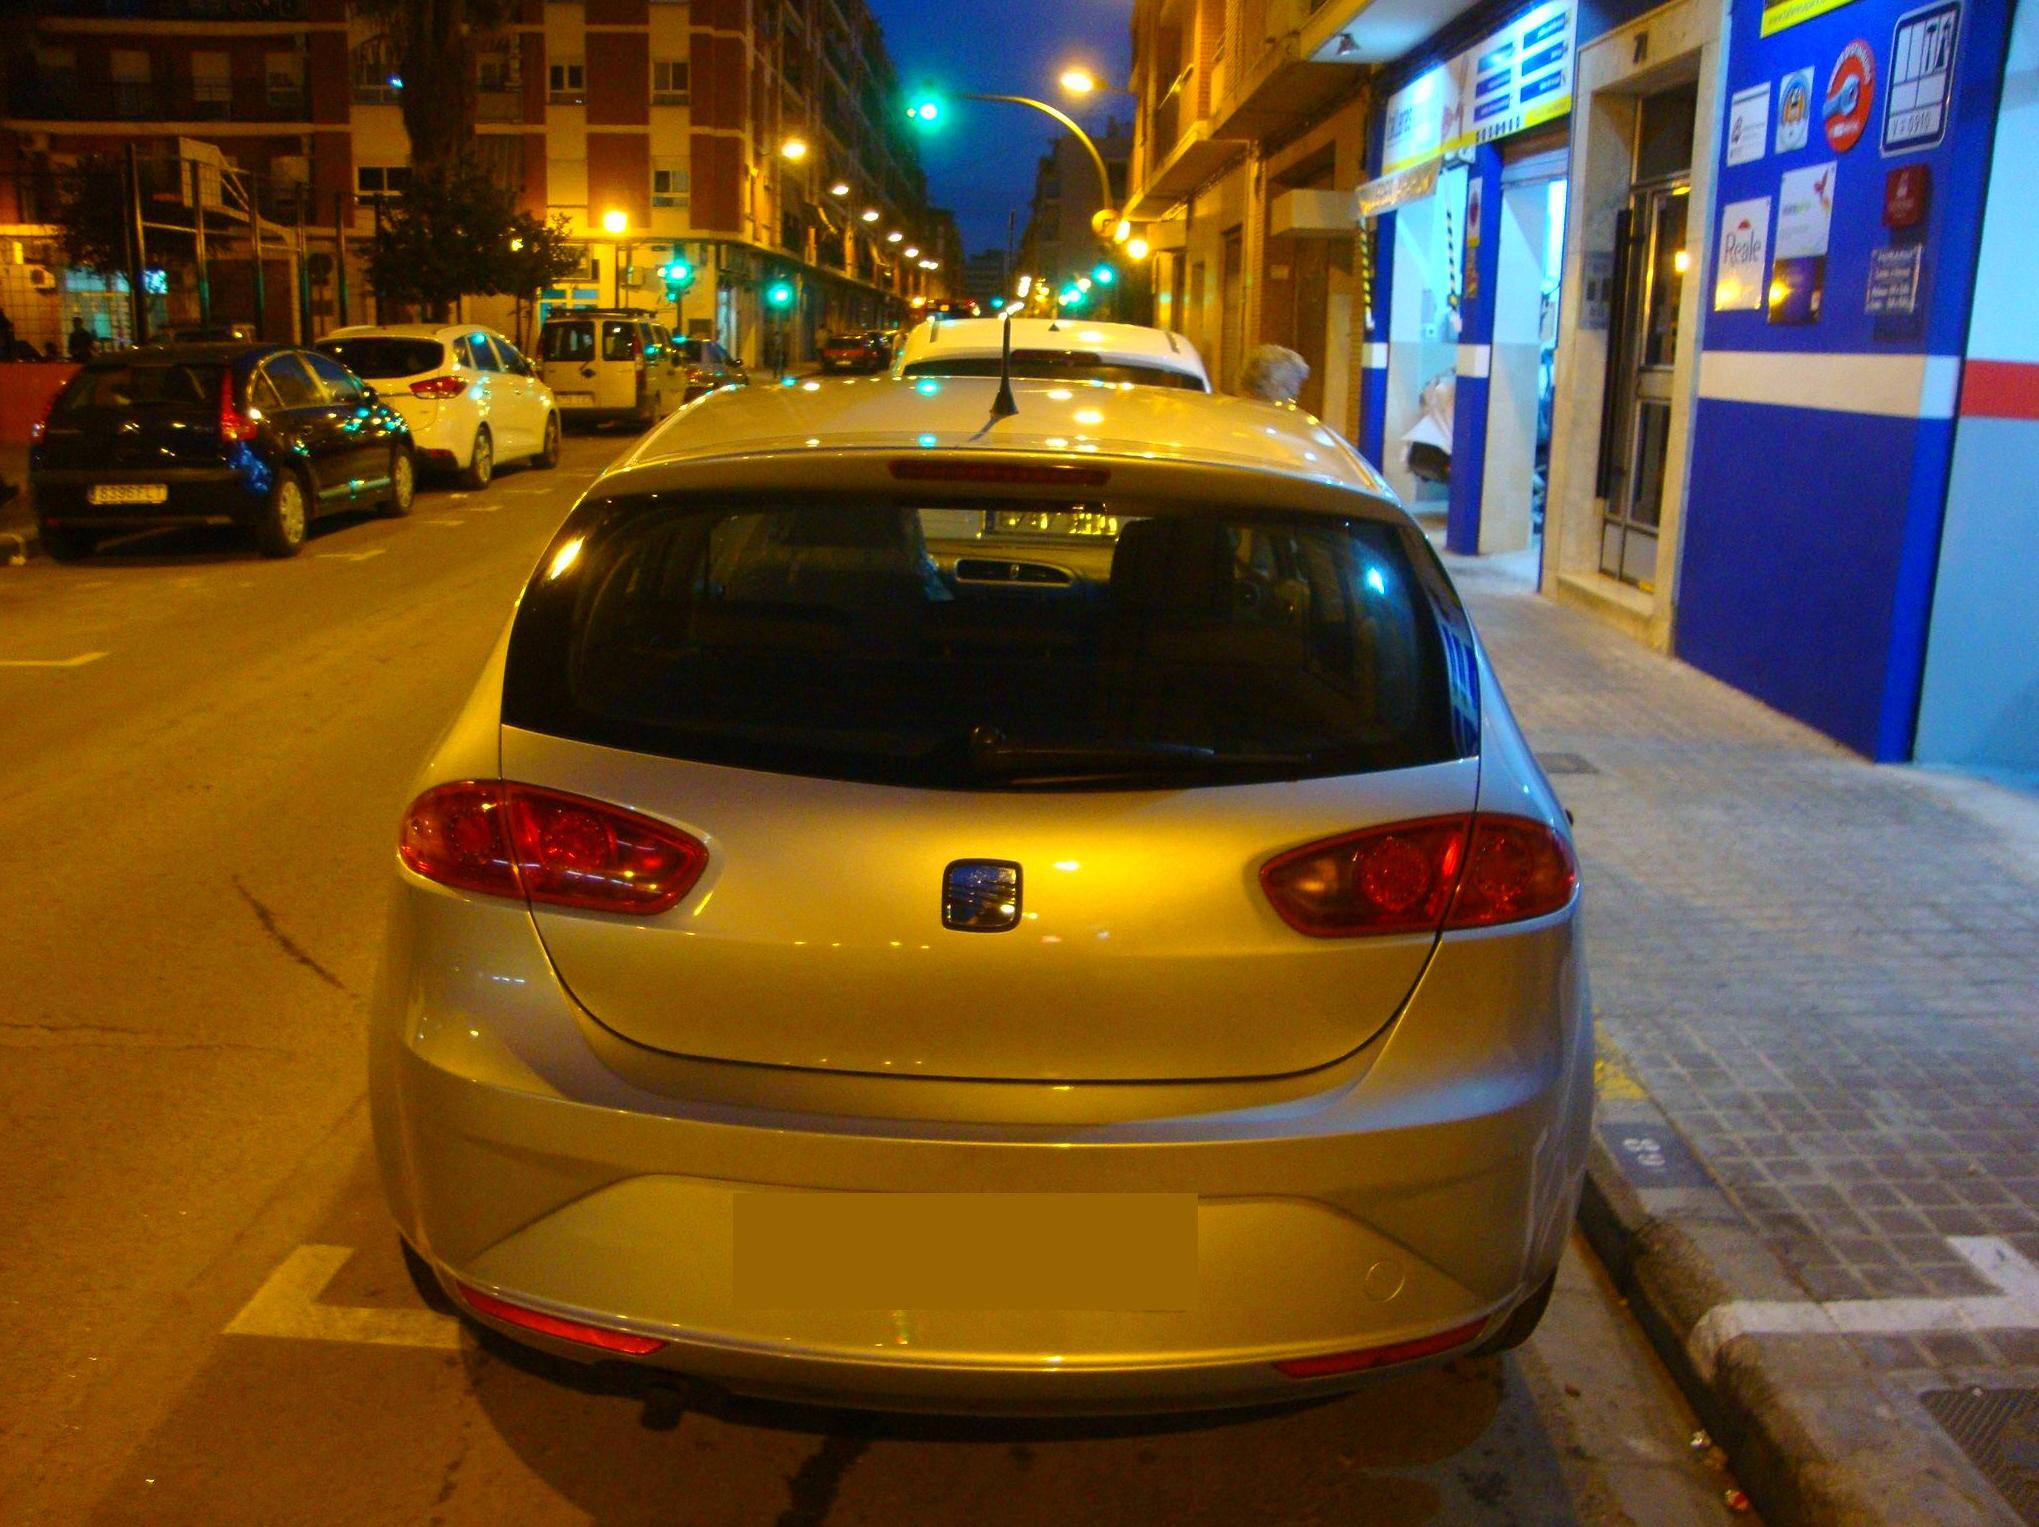 Foto 42 de Talleres de chapa y pintura en Valencia | Talleres Aparicio Autochiquero